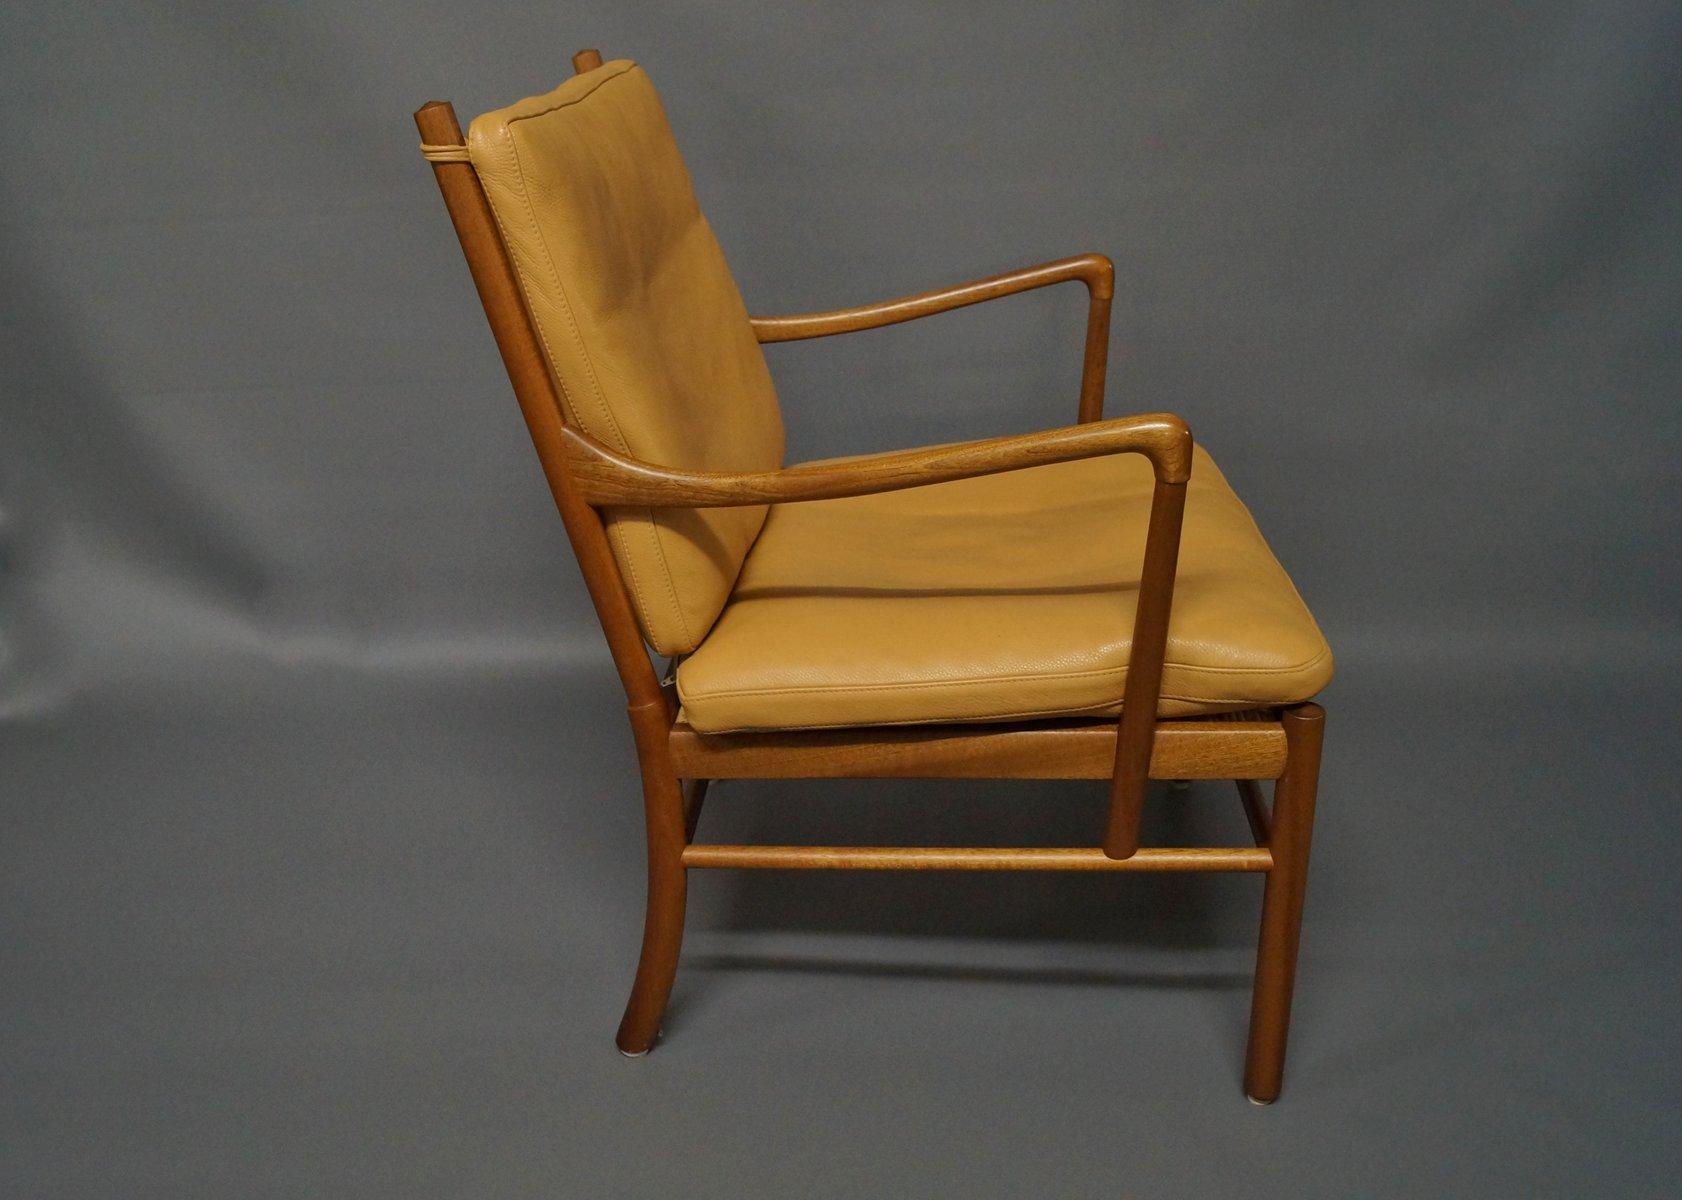 chaise coloniale pj149 pour ole wanscher pour p jeppesen. Black Bedroom Furniture Sets. Home Design Ideas